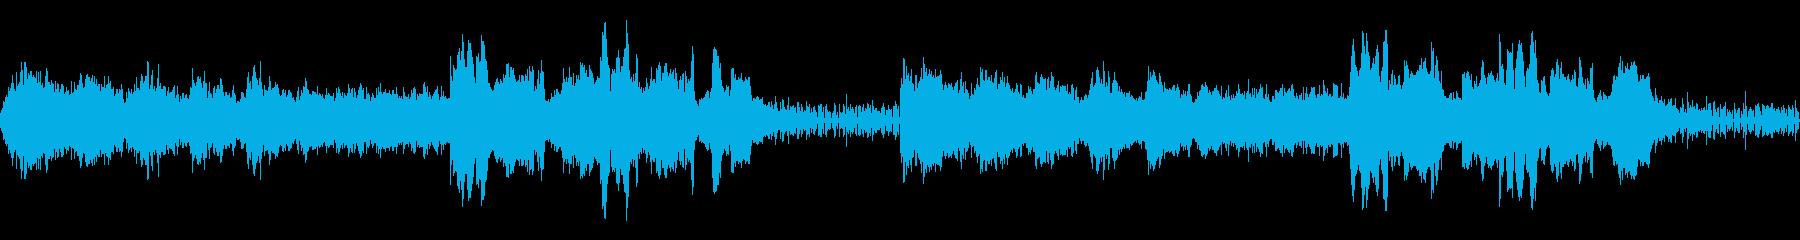 【ドラム抜き】ホラー要素の強い不安定な…の再生済みの波形